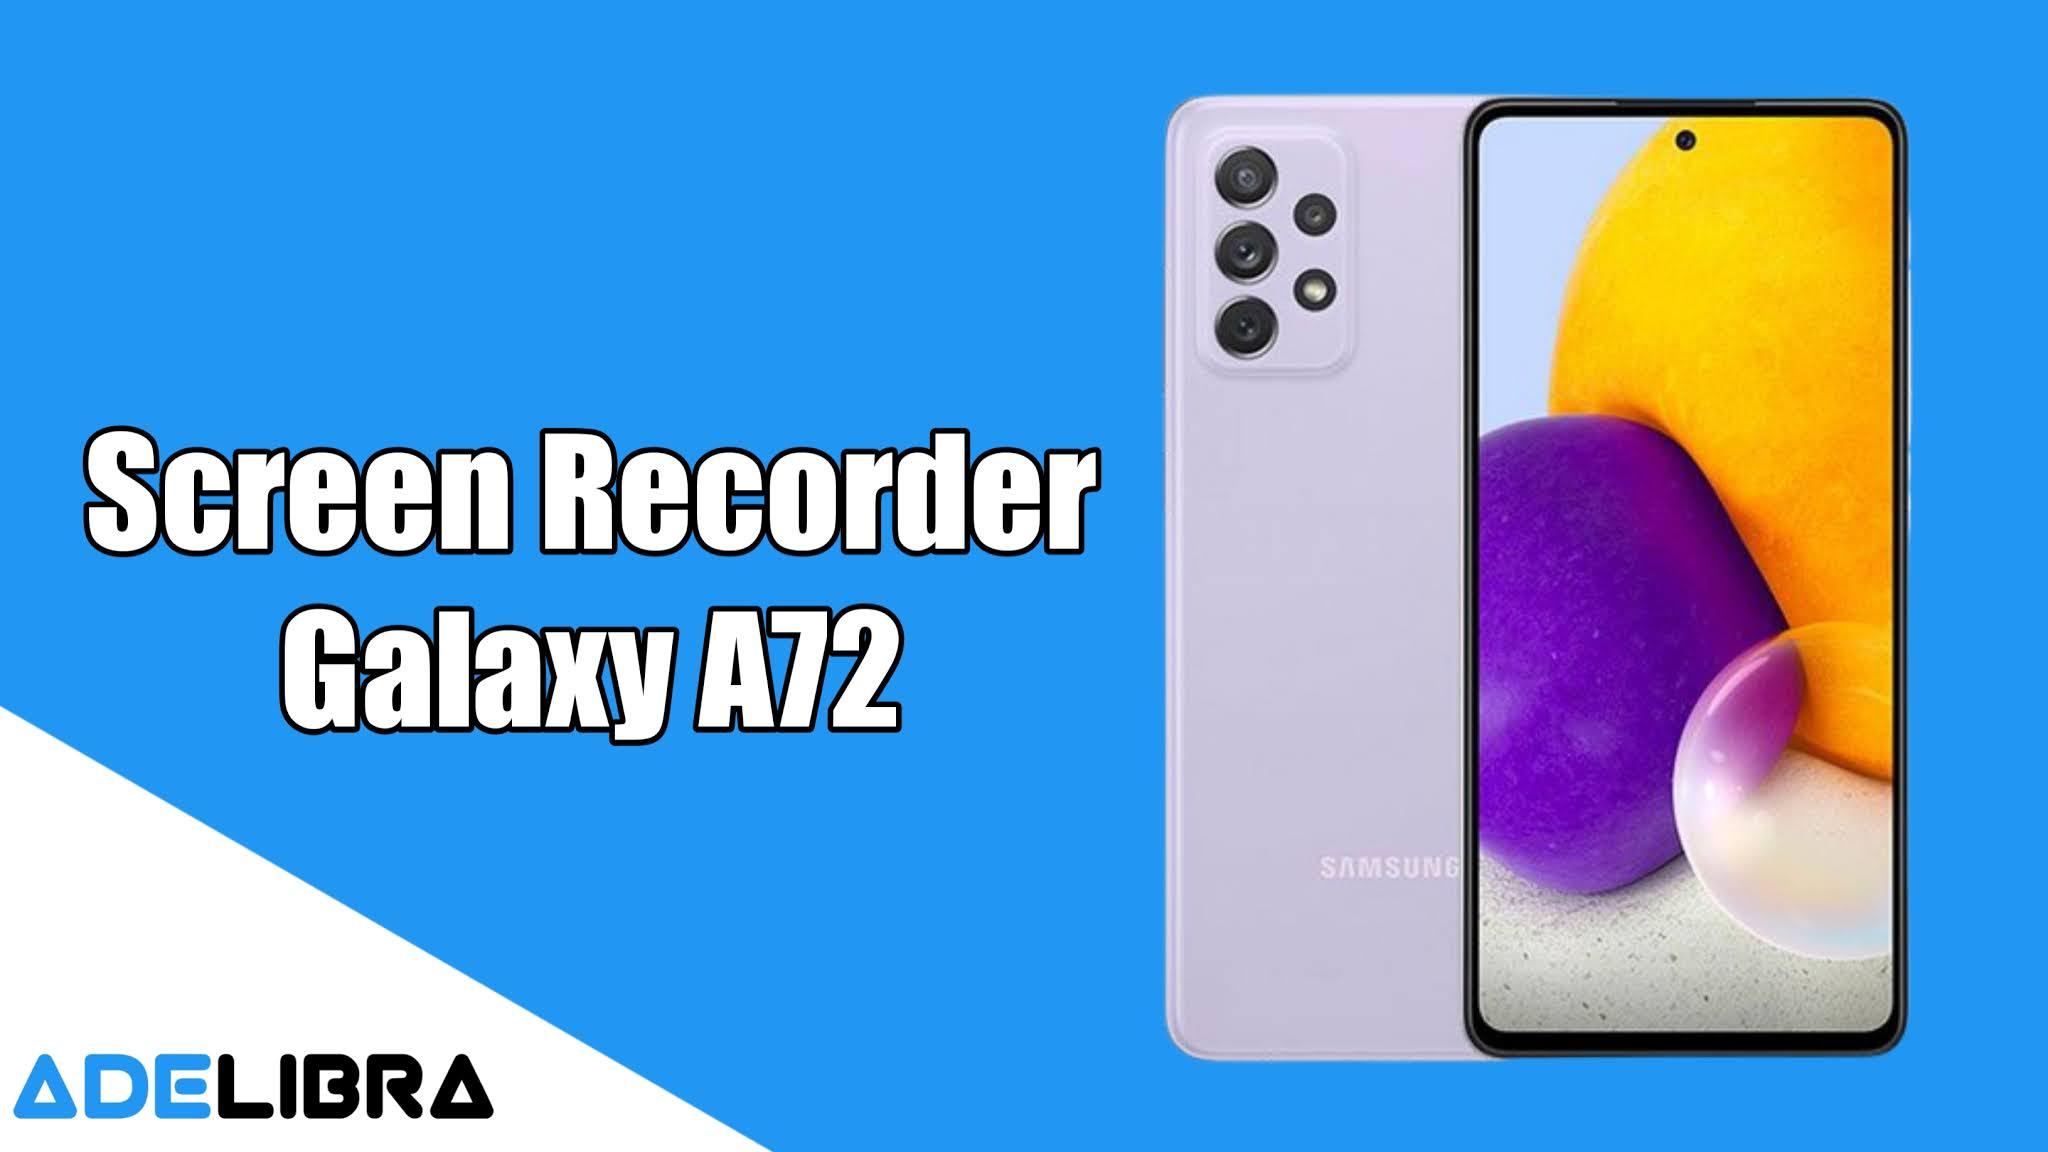 Screen Recorder Samsung Galaxy A72